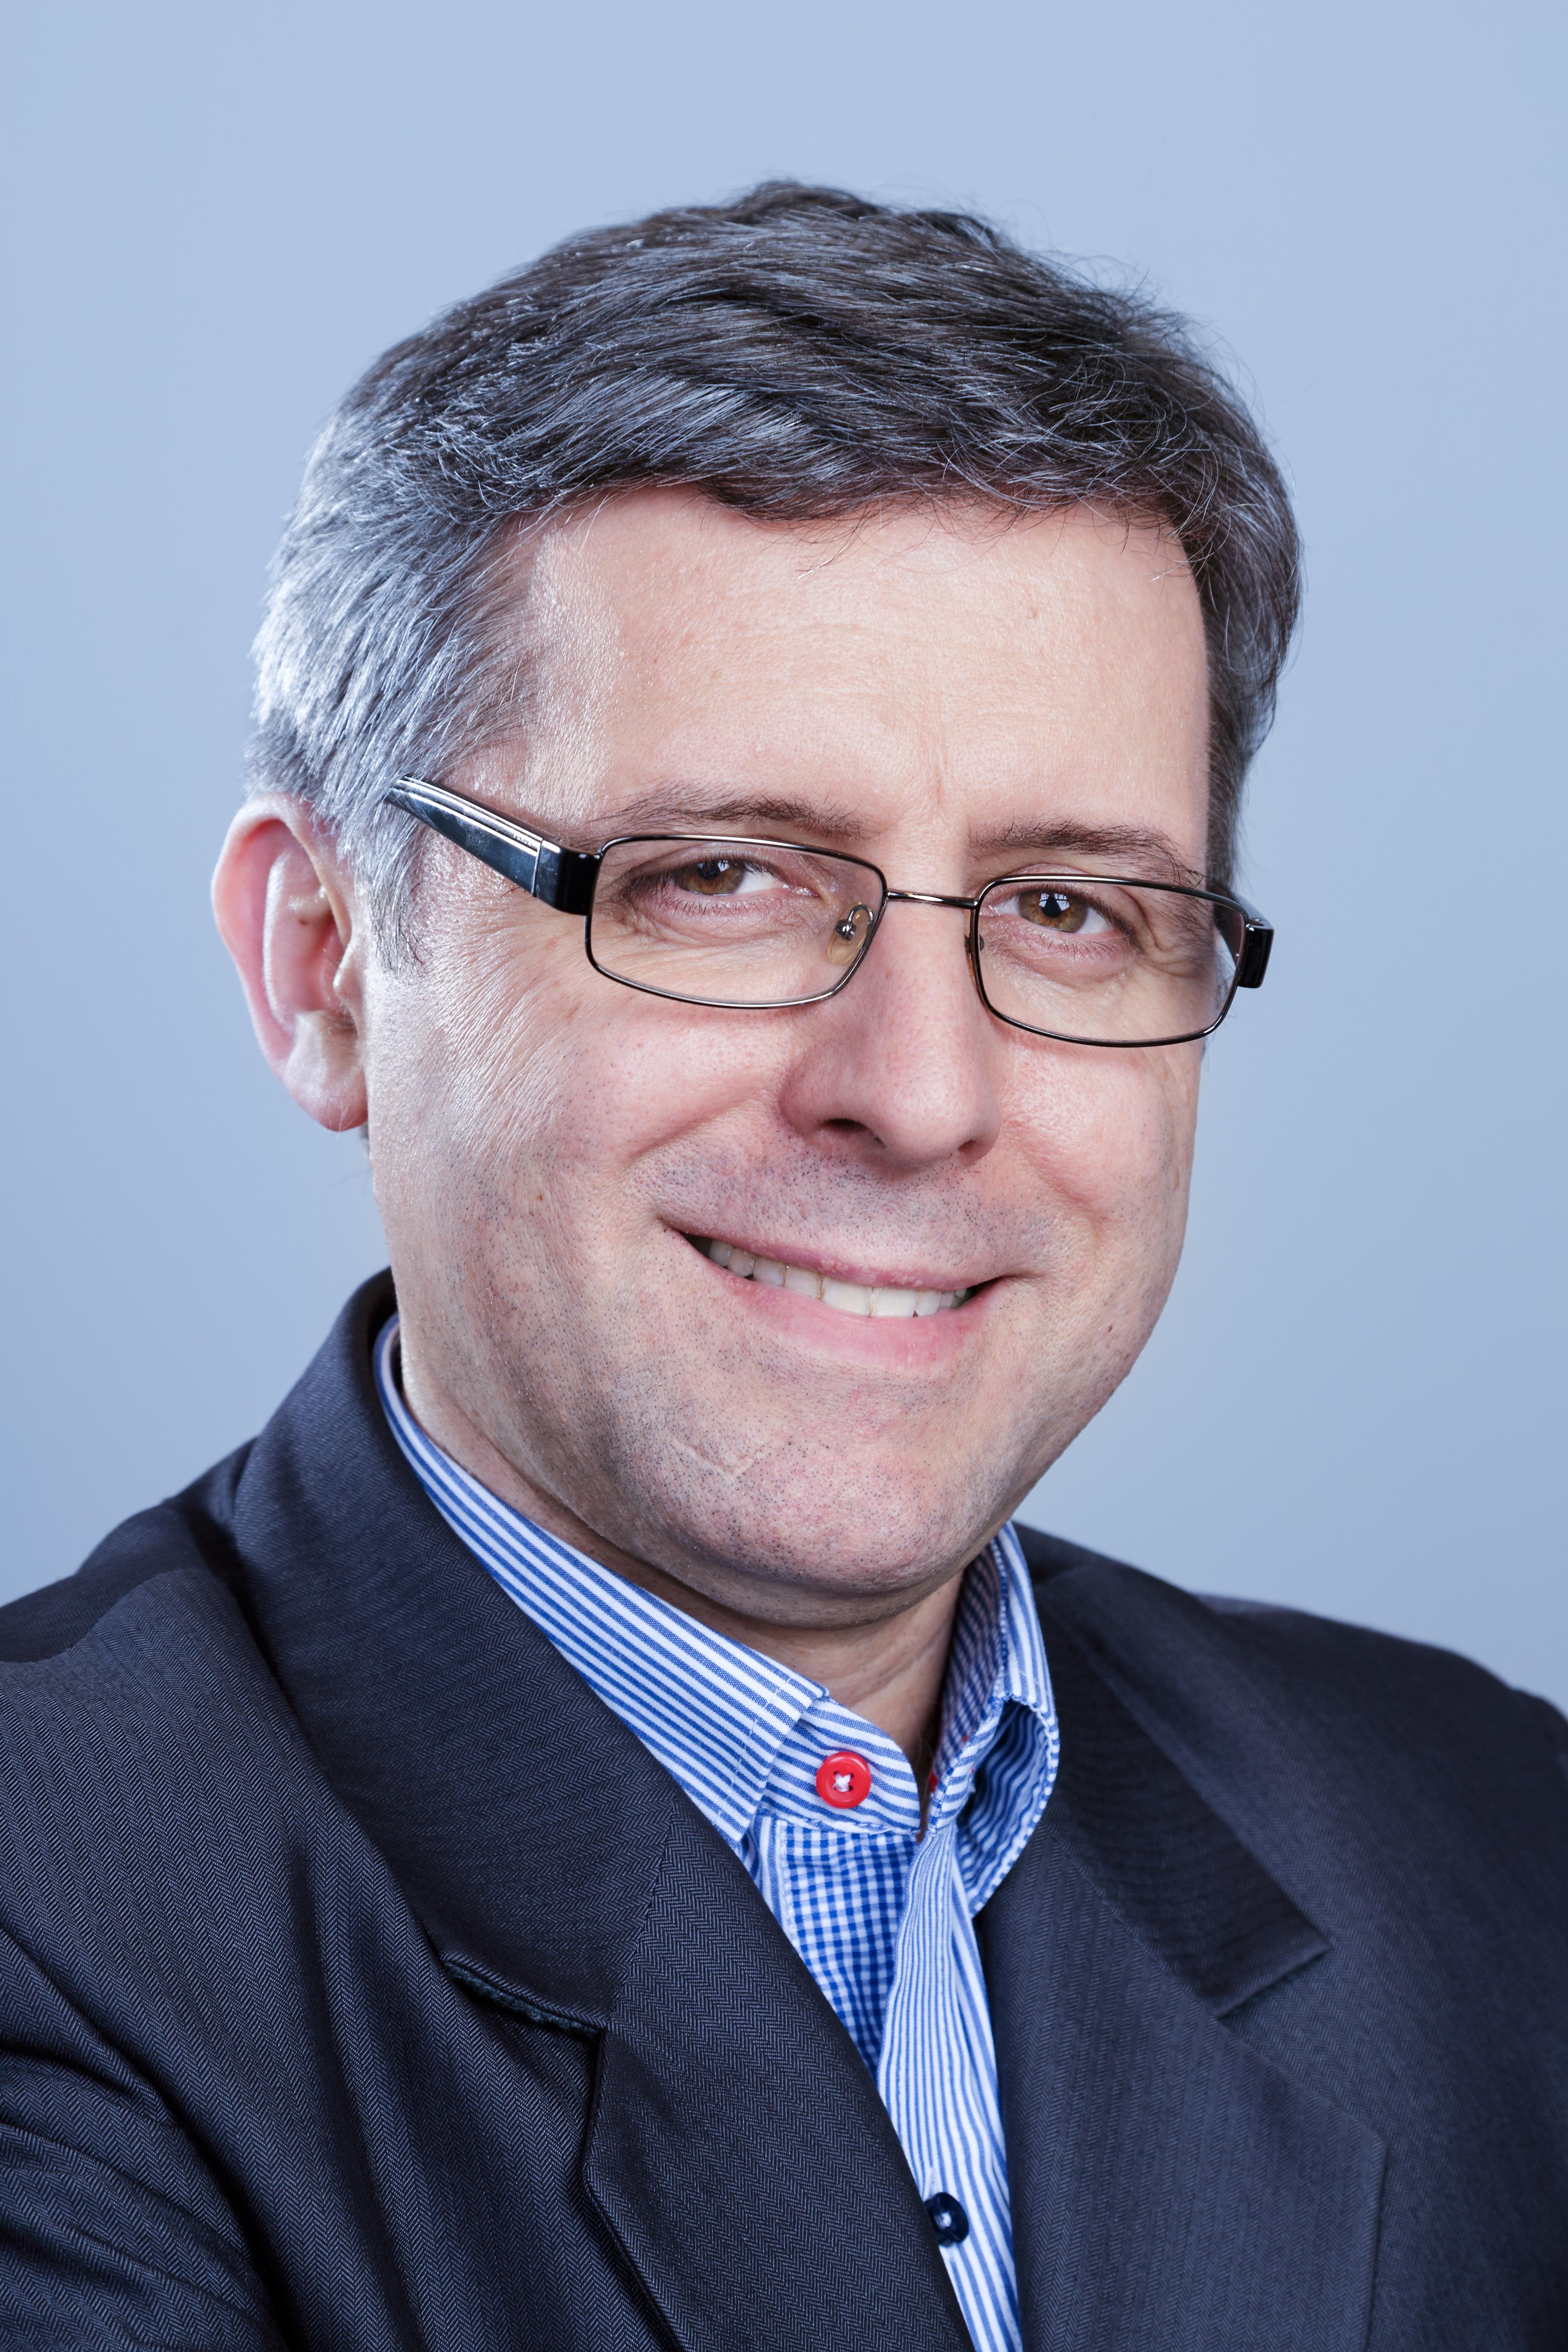 Remigiusz Jankowski dyrektorem handlowym w Fortinecie